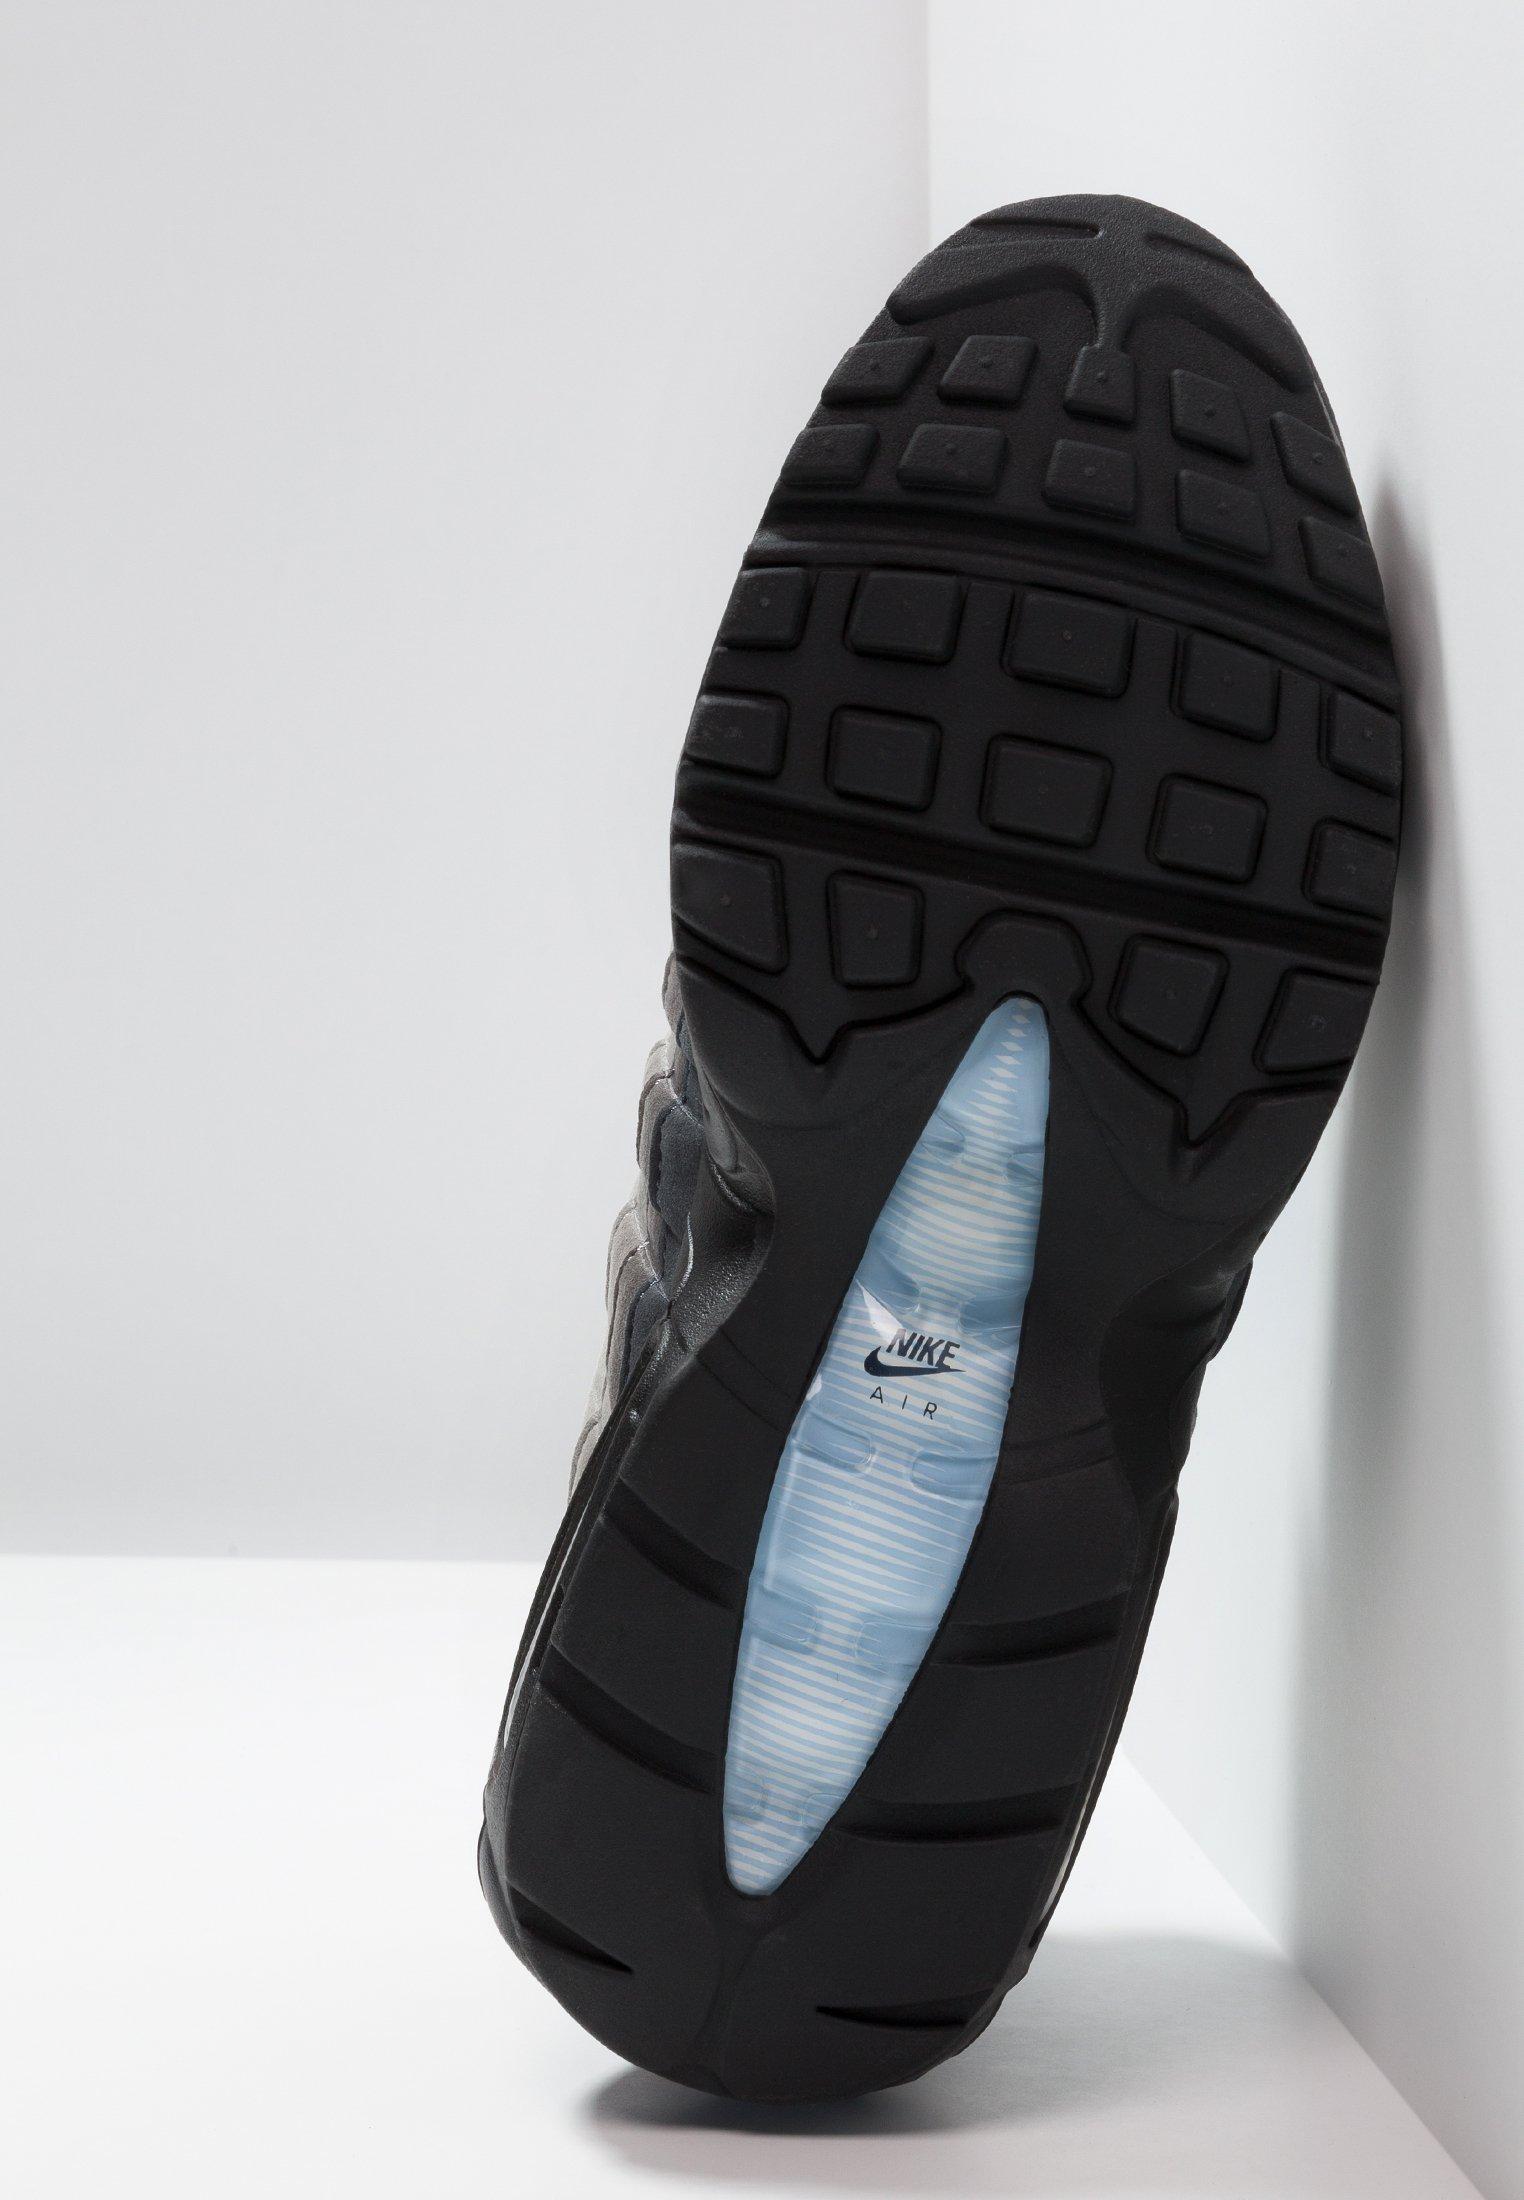 Nike Air Max 95 Black Aluminium Anthracite Anthracite